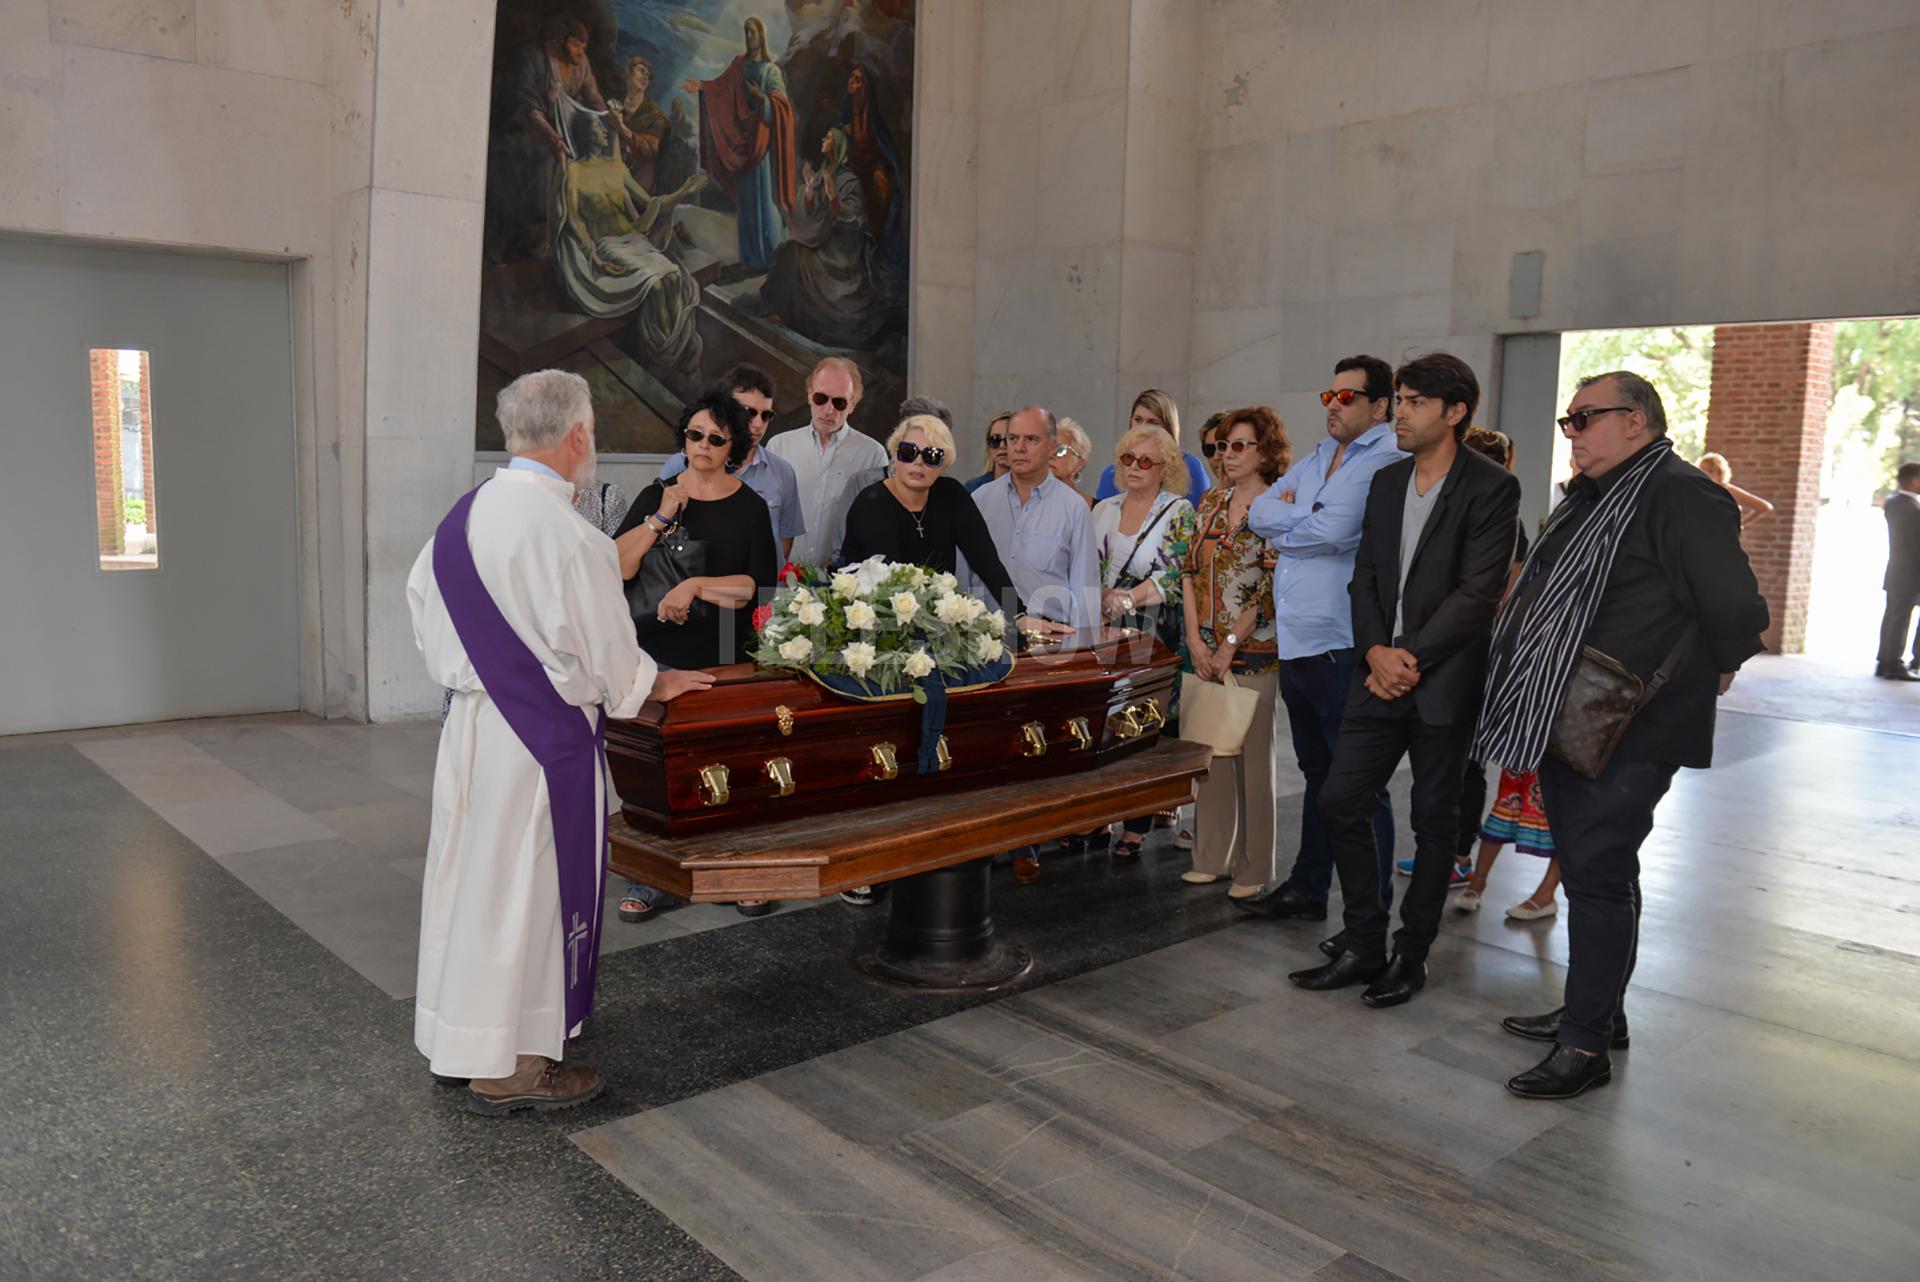 Un cura ofrece el responso en una ceremonia íntima a la que asistieron muy pocos famosos; tampoco estuvo Federico Bal, el nieto de Ana